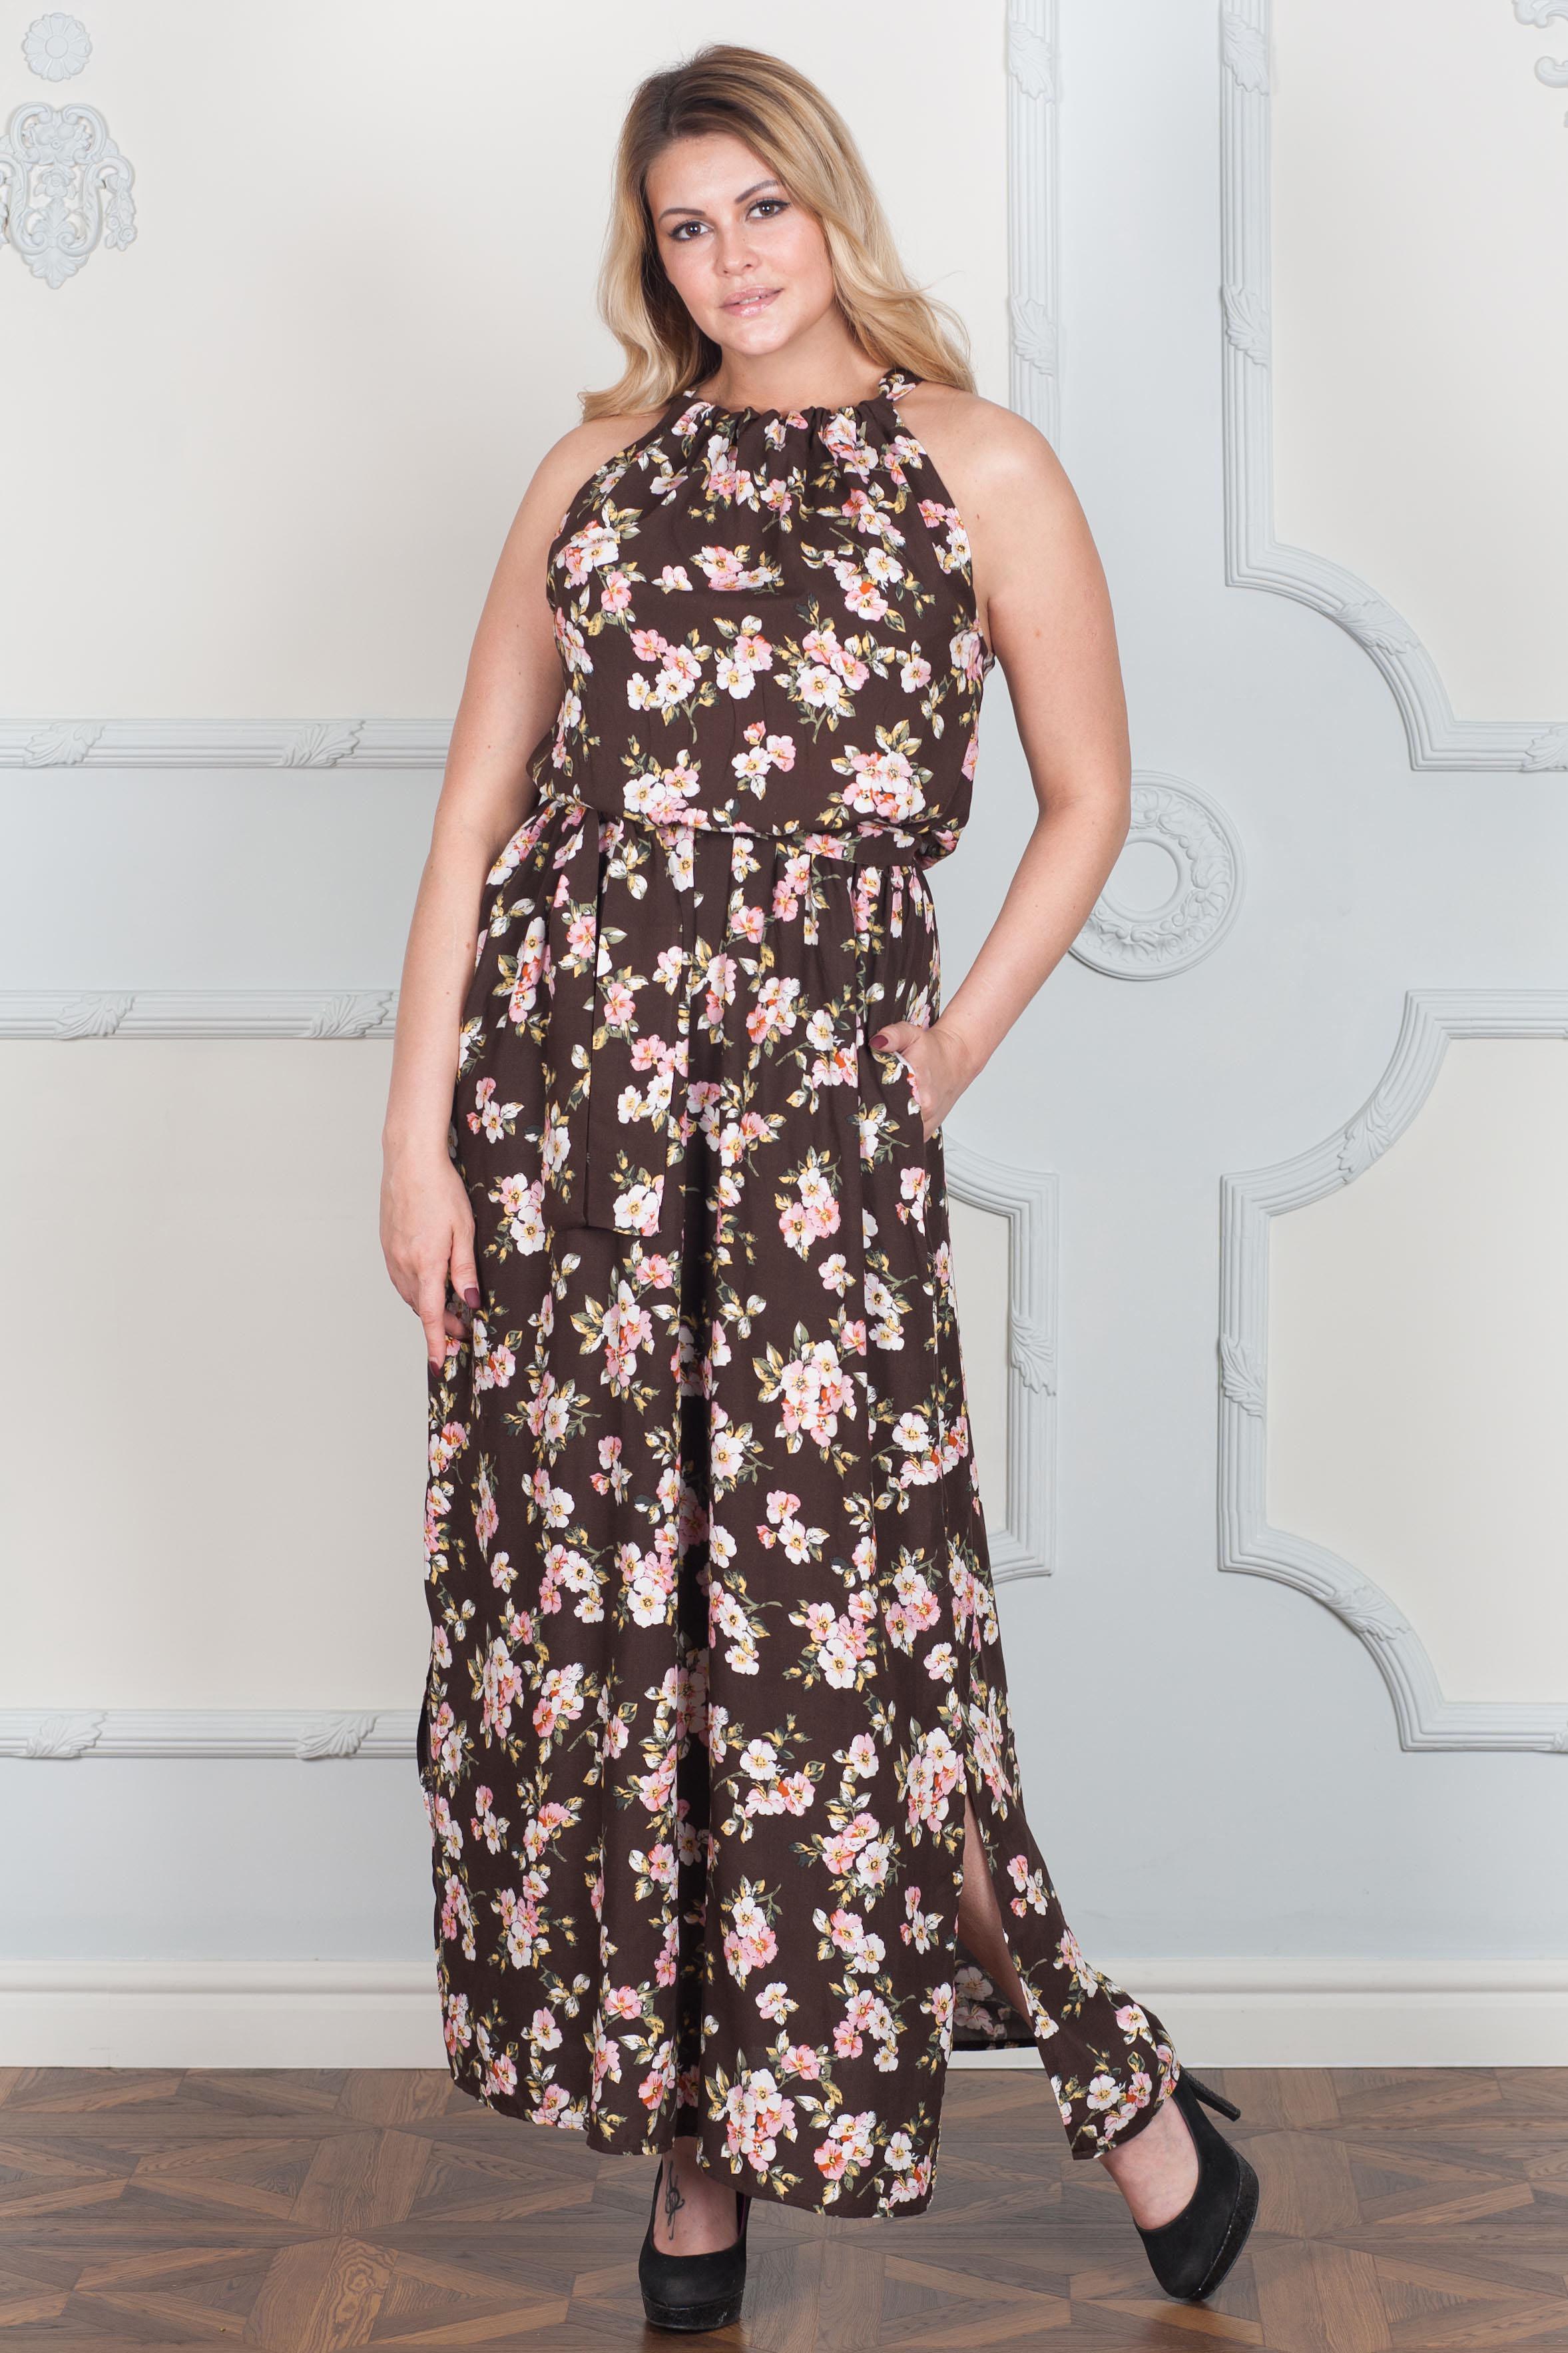 ПлатьеСарафаны<br>Женственное платье с цветочным принтом станет изюминкой Вашего гардероба. Побалуйте себя этой великолепной покупкой  В изделии использованы цвета: кориневый, розовый и др.  Рост девушки-фотомодели 170 см<br><br>Бретели: Тонкие бретели<br>По длине: Макси<br>По материалу: Хлопок<br>По рисунку: Растительные мотивы,С принтом,Цветные,Цветочные<br>По силуэту: Полуприталенные,Свободные<br>По стилю: Греческий стиль,Летний стиль,Повседневный стиль,Романтический стиль<br>По элементам: С декором,С резинкой,Со складками<br>Рукав: Без рукавов<br>По сезону: Лето<br>Размер : 42,44,46<br>Материал: Хлопок<br>Количество в наличии: 3